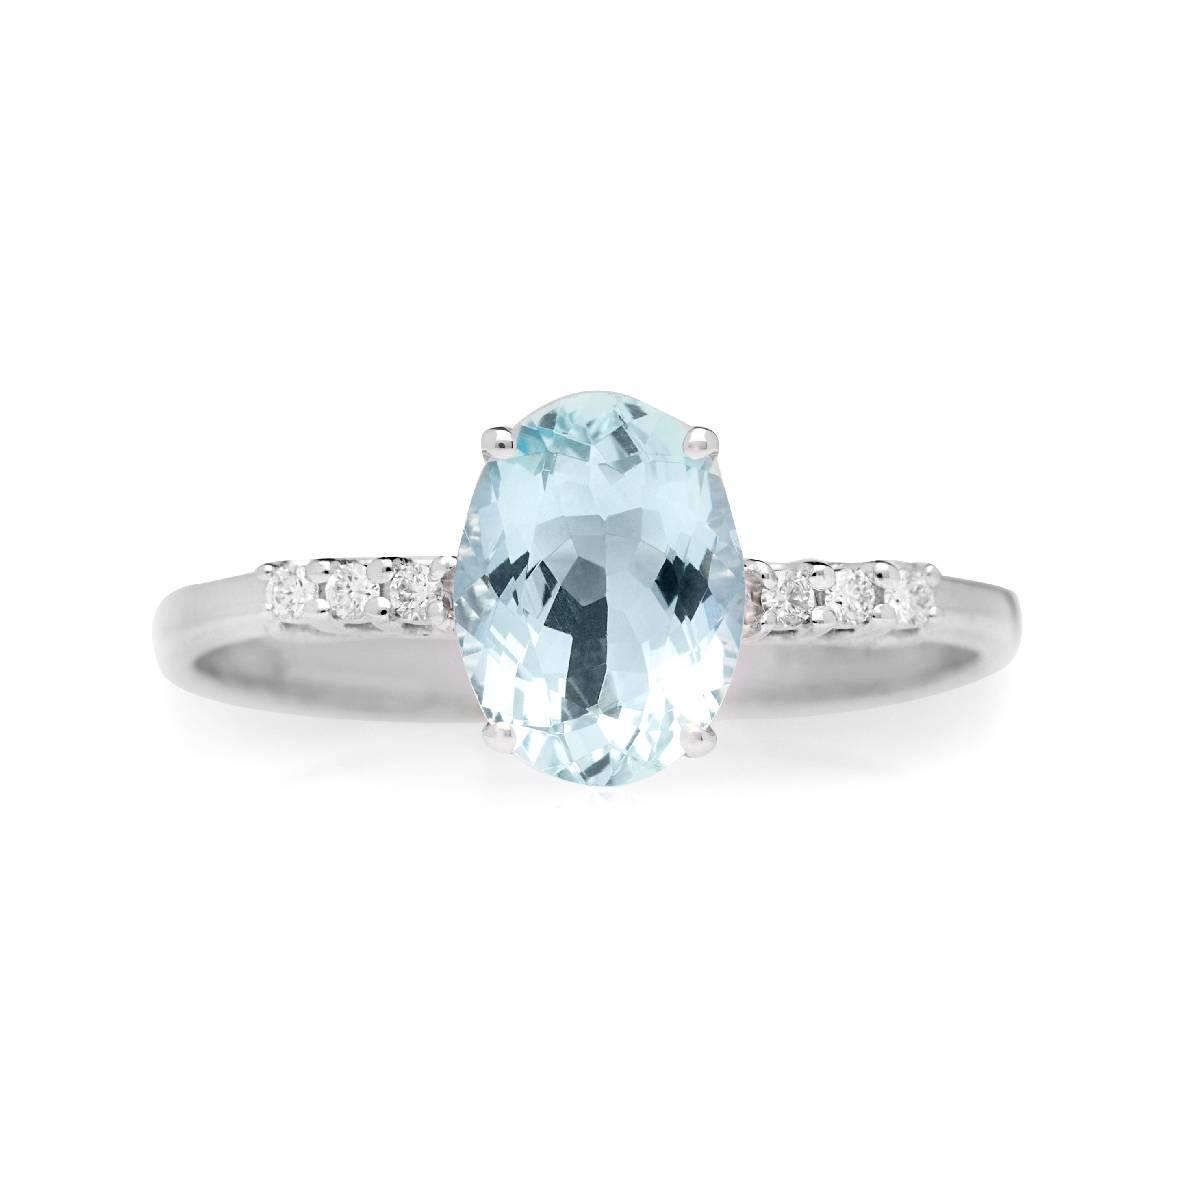 Anello in oro bianco con diamanti taglio brillante e acquamarina